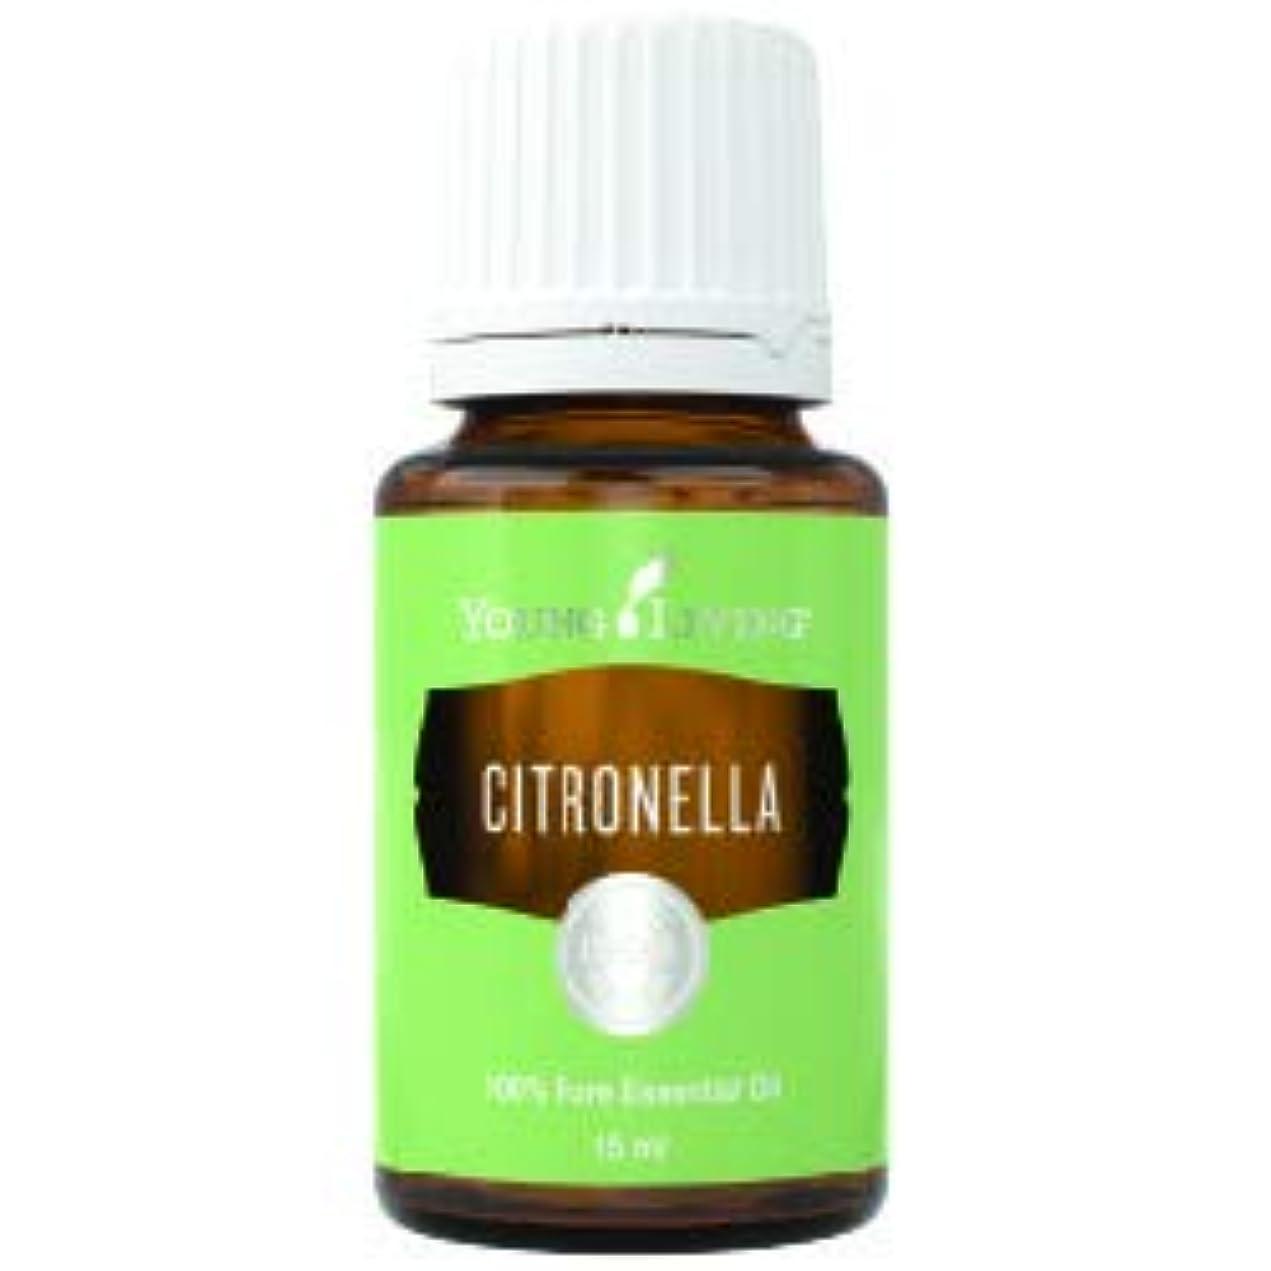 高価な検査官パトロールシトロネラエッセンシャルオイル15 ml byヤングリビングマレーシア Citronella Essential Oil 15 ml by Young Living Malaysia